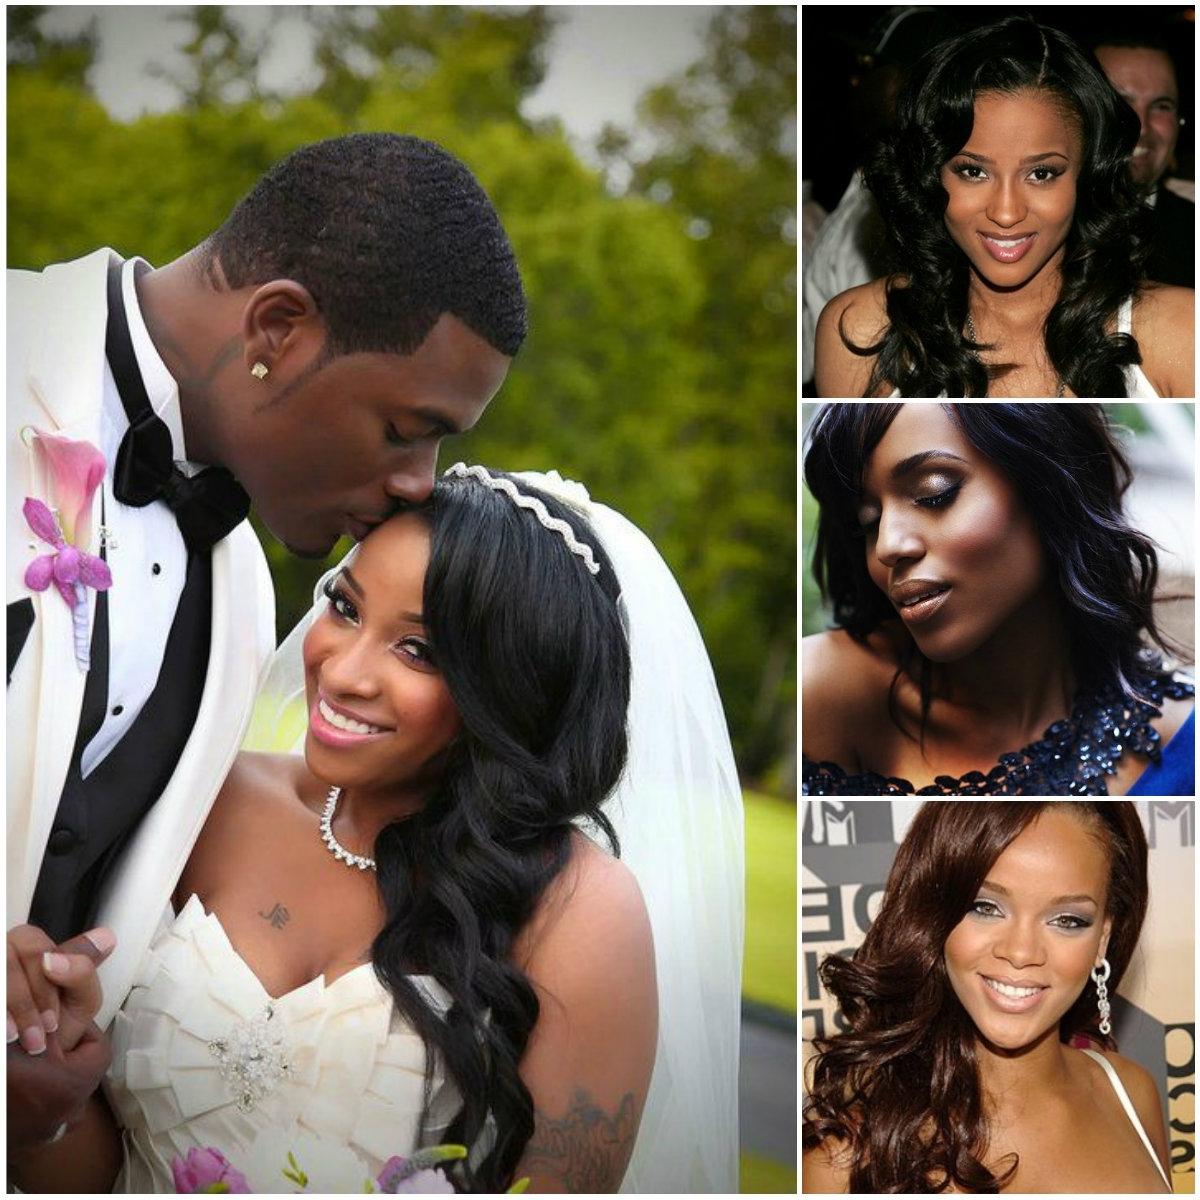 Emejing Wedding Hairstyles Black Hair Pictures – Styles & Ideas 2018 Within Trendy Wedding Hairstyles For Long Black Hair (View 12 of 15)